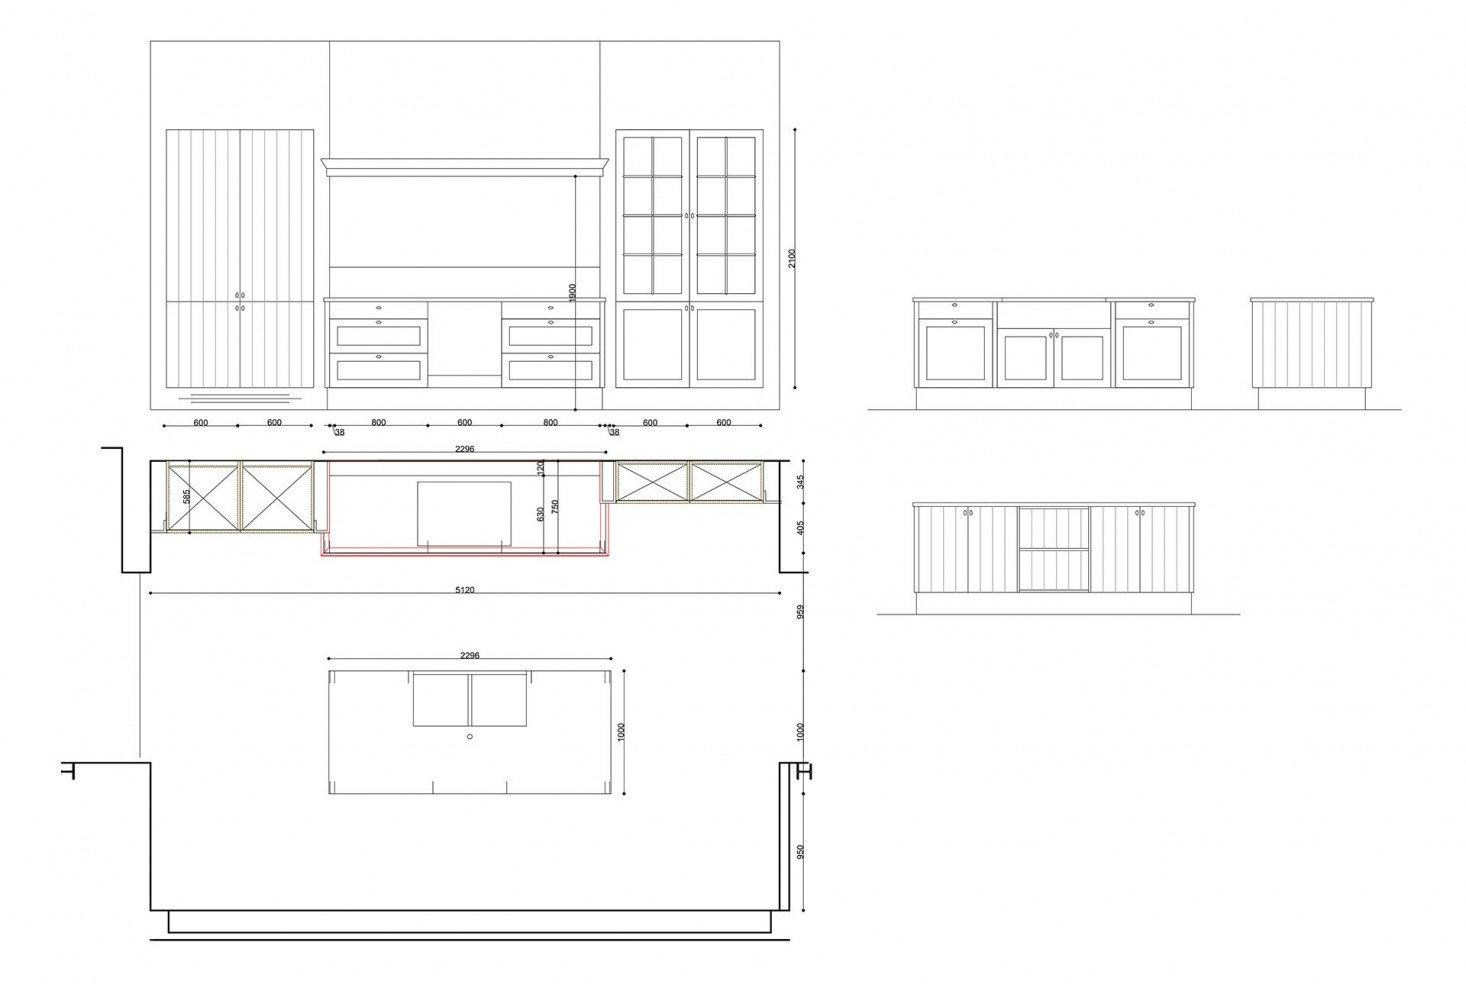 Toonzaalkeuken-BeverenWaas-BOX14-Richmond-grondplan.jpg